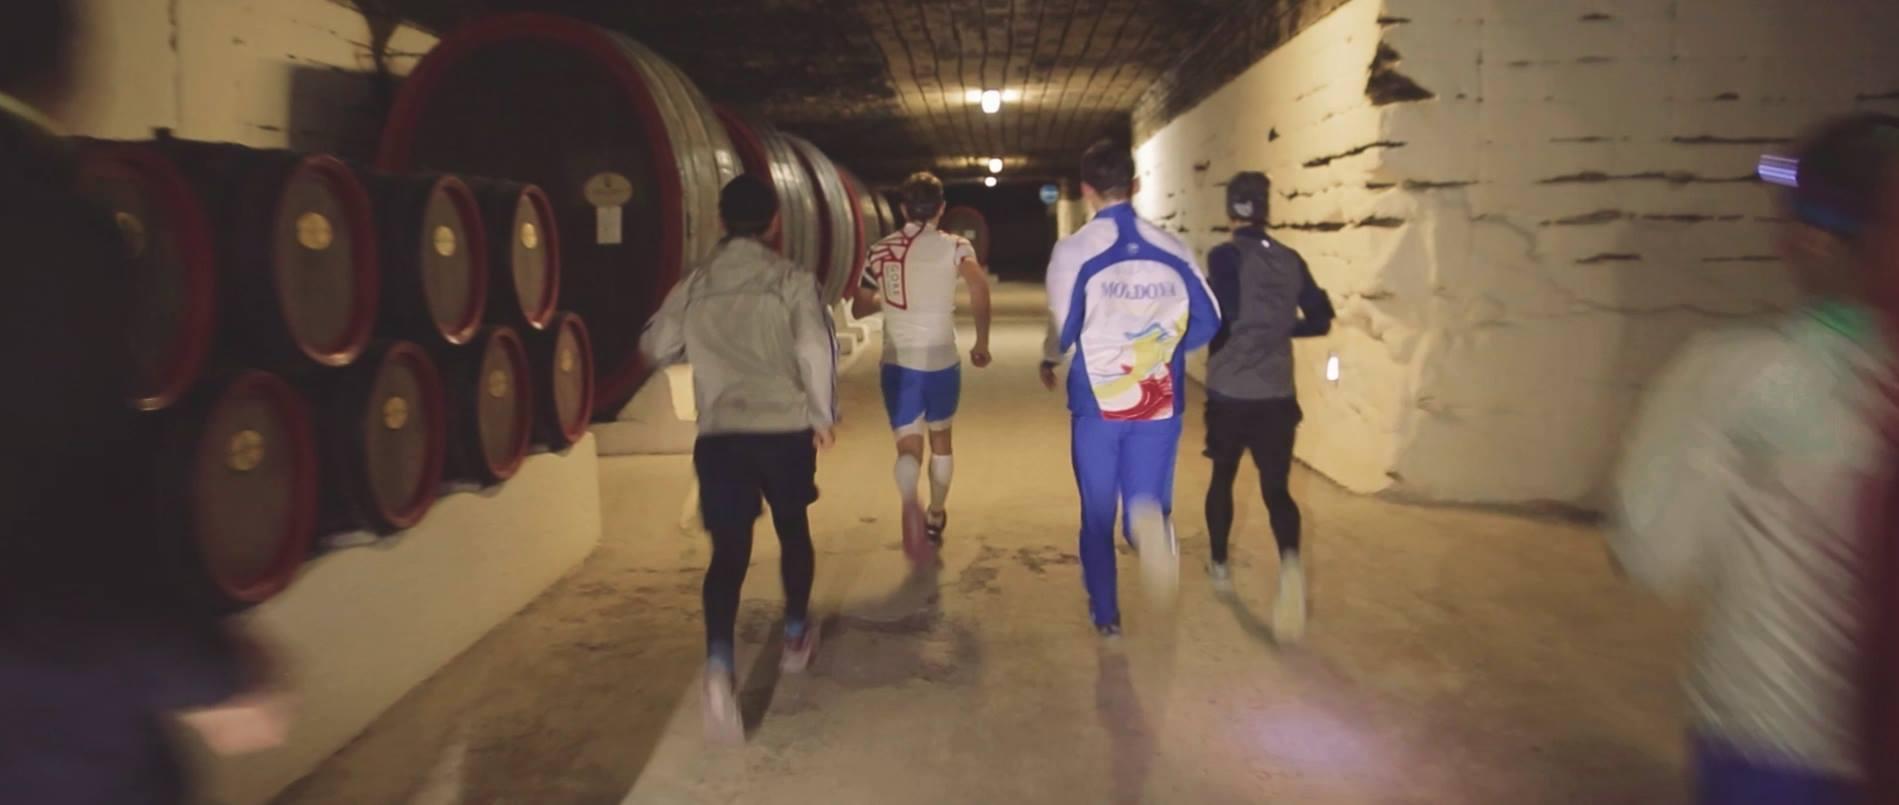 Running the Moldova wine cellar tunnels - Cricova Run 4